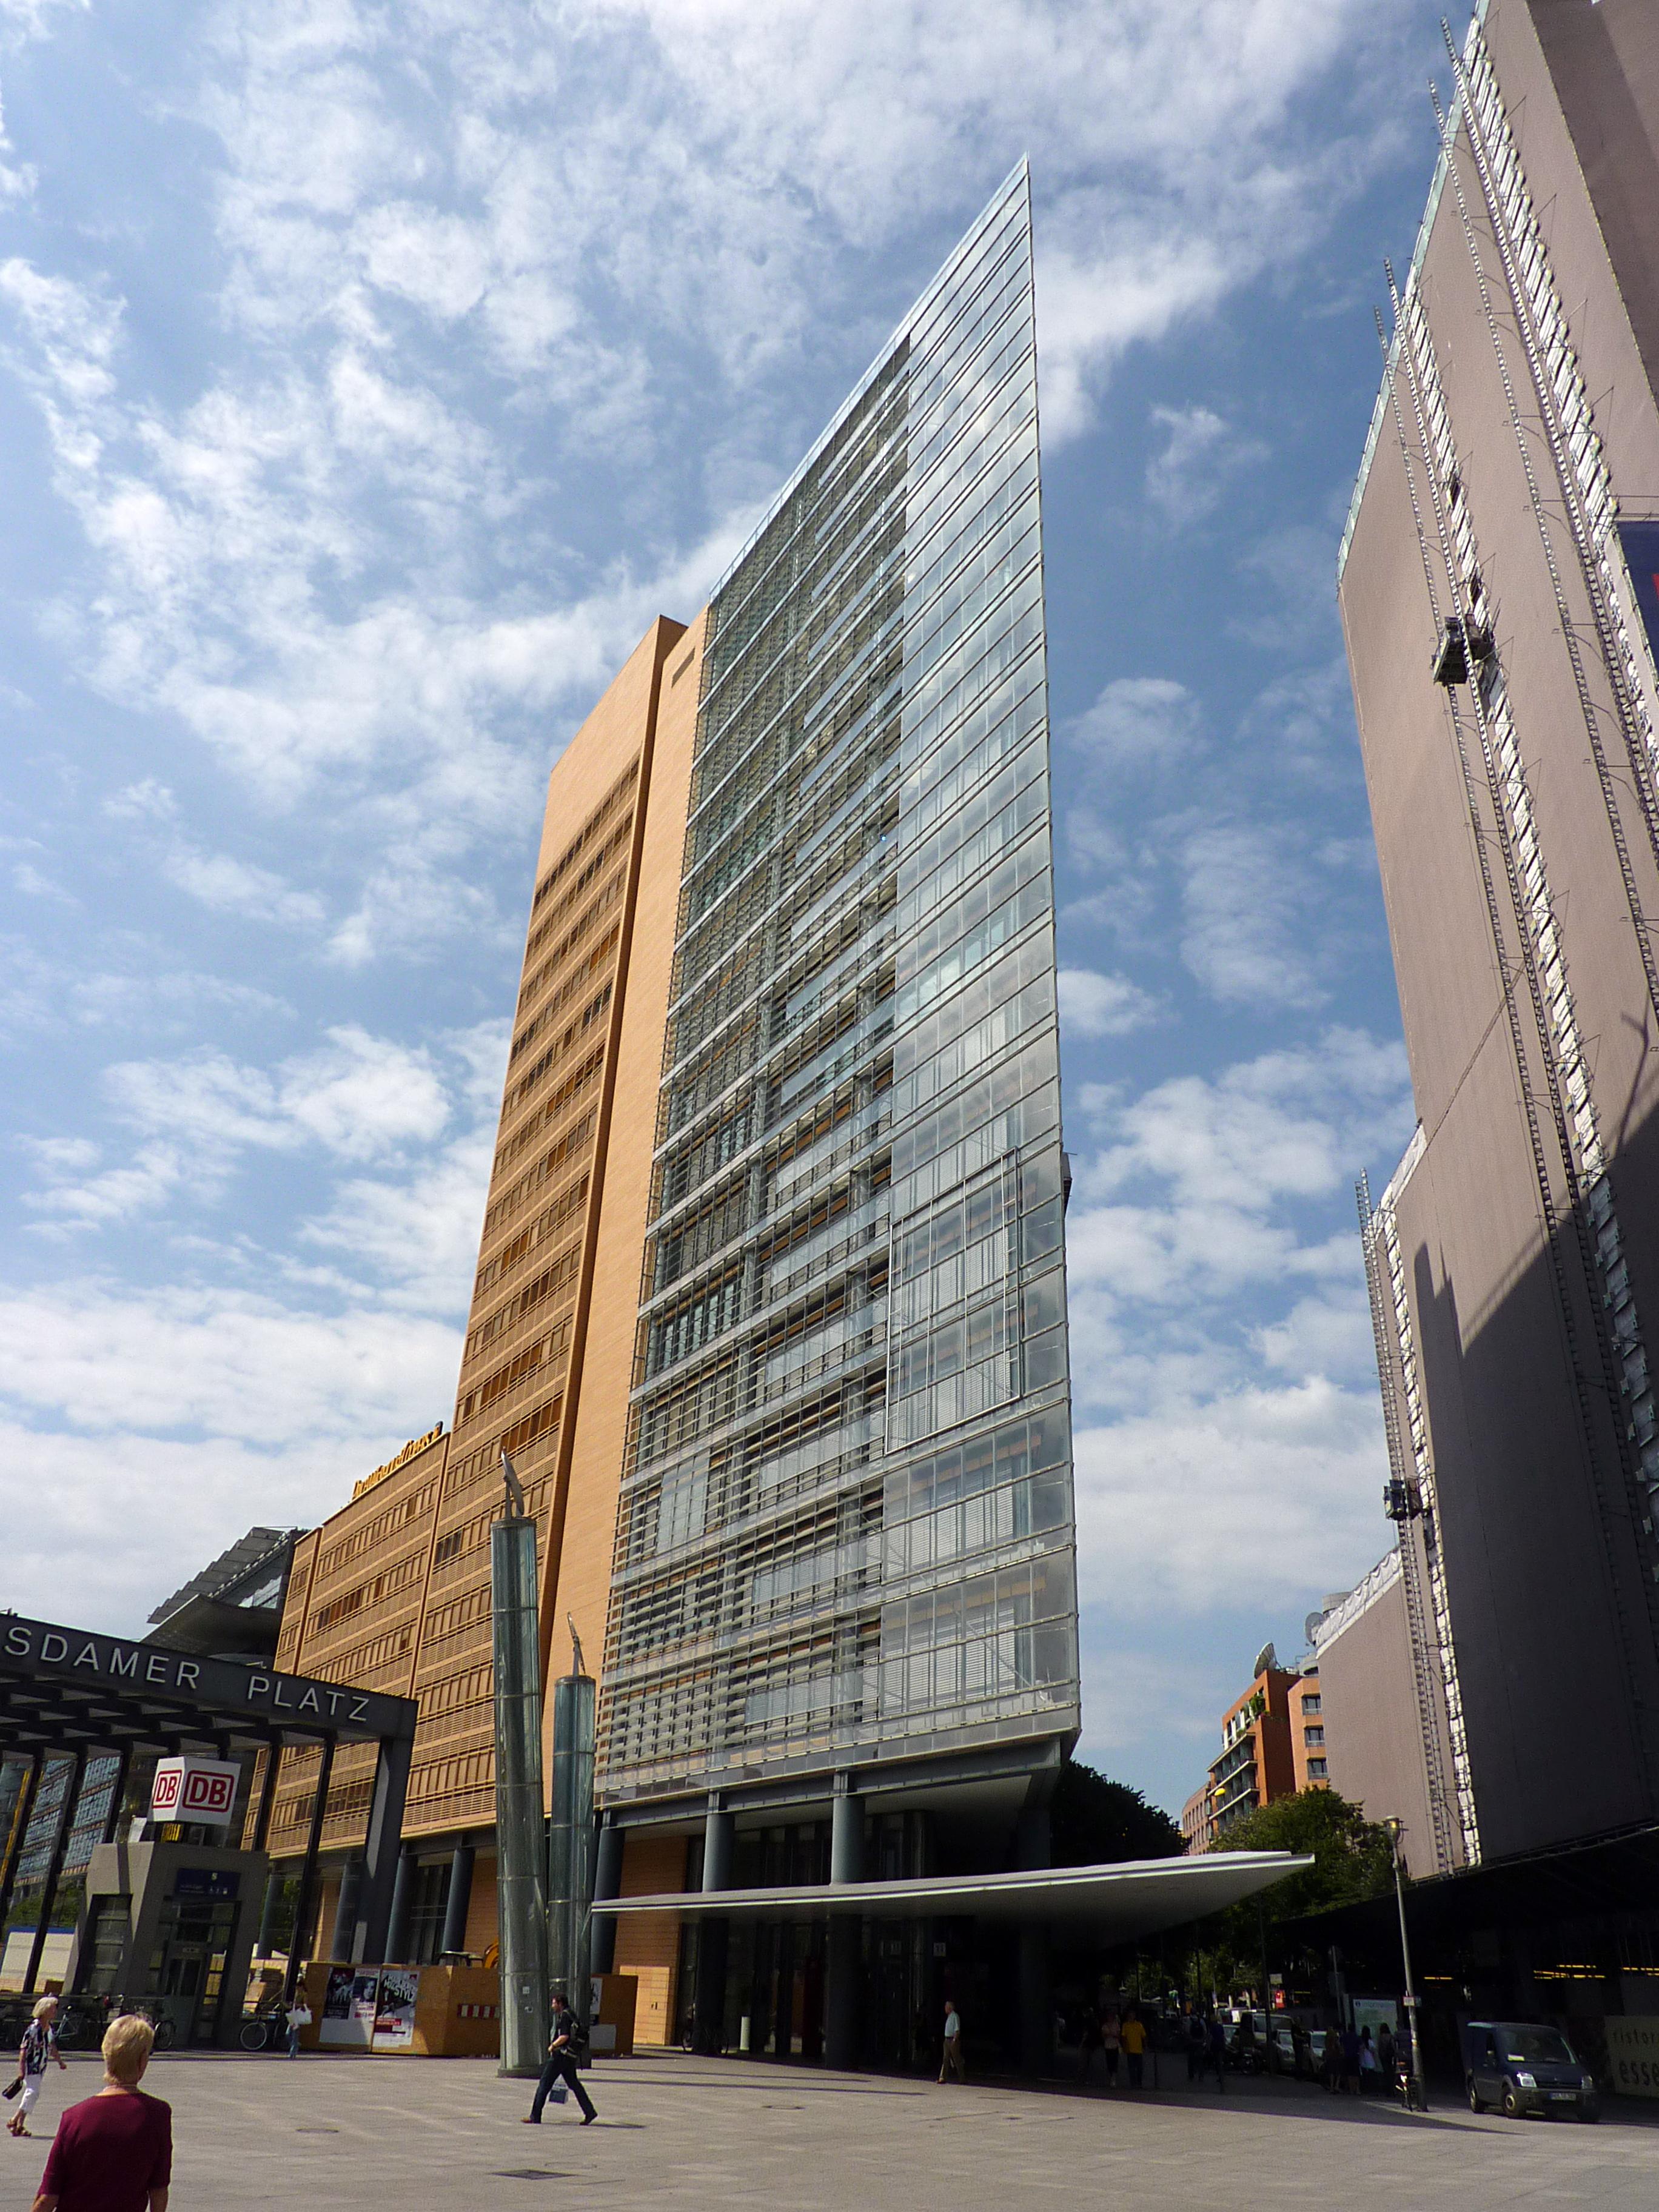 Tower  B Ef Bf Bdrohochhaus Mit Hotel Frankfurt Am Main Deutschland Wettbeber